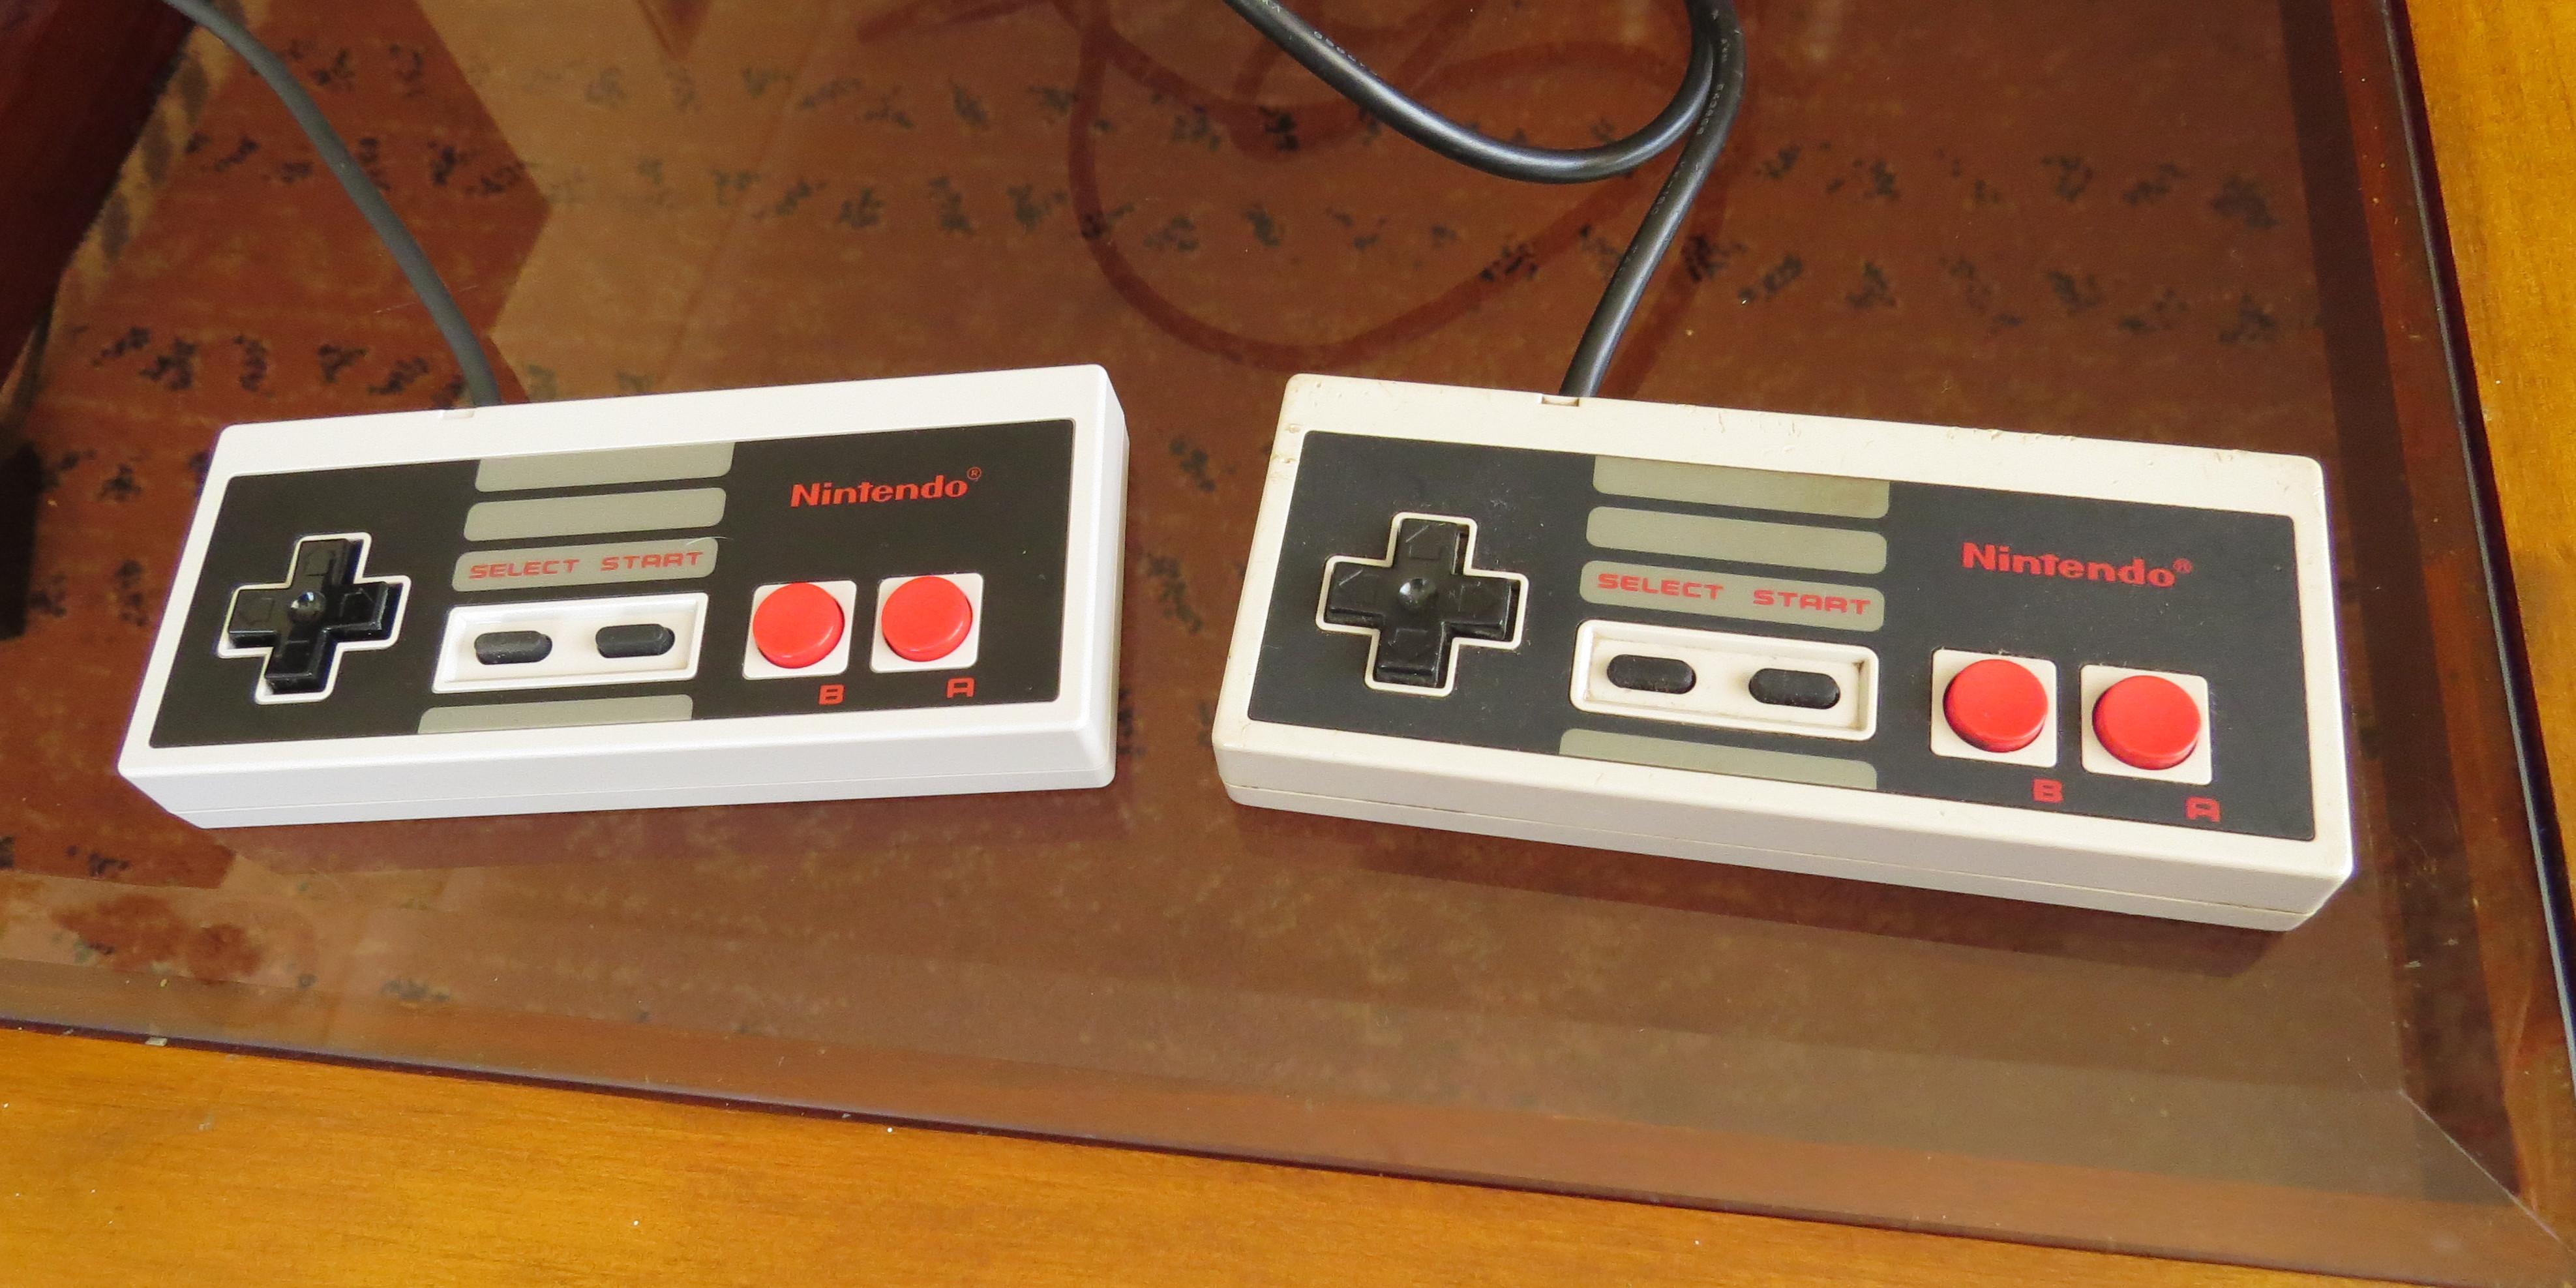 Joystick del NES Mini (izquierda) y del NES original (derecha) | Camilo Suazo | BBCL